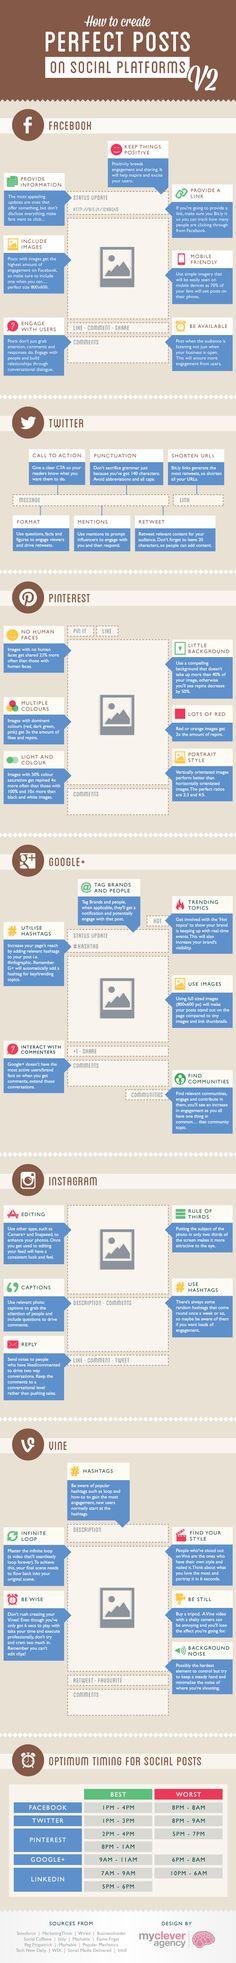 Cómo crear publicaciones perfectas en las diferentes plataformas sociales #socialmedia #redessociales #socialmedia